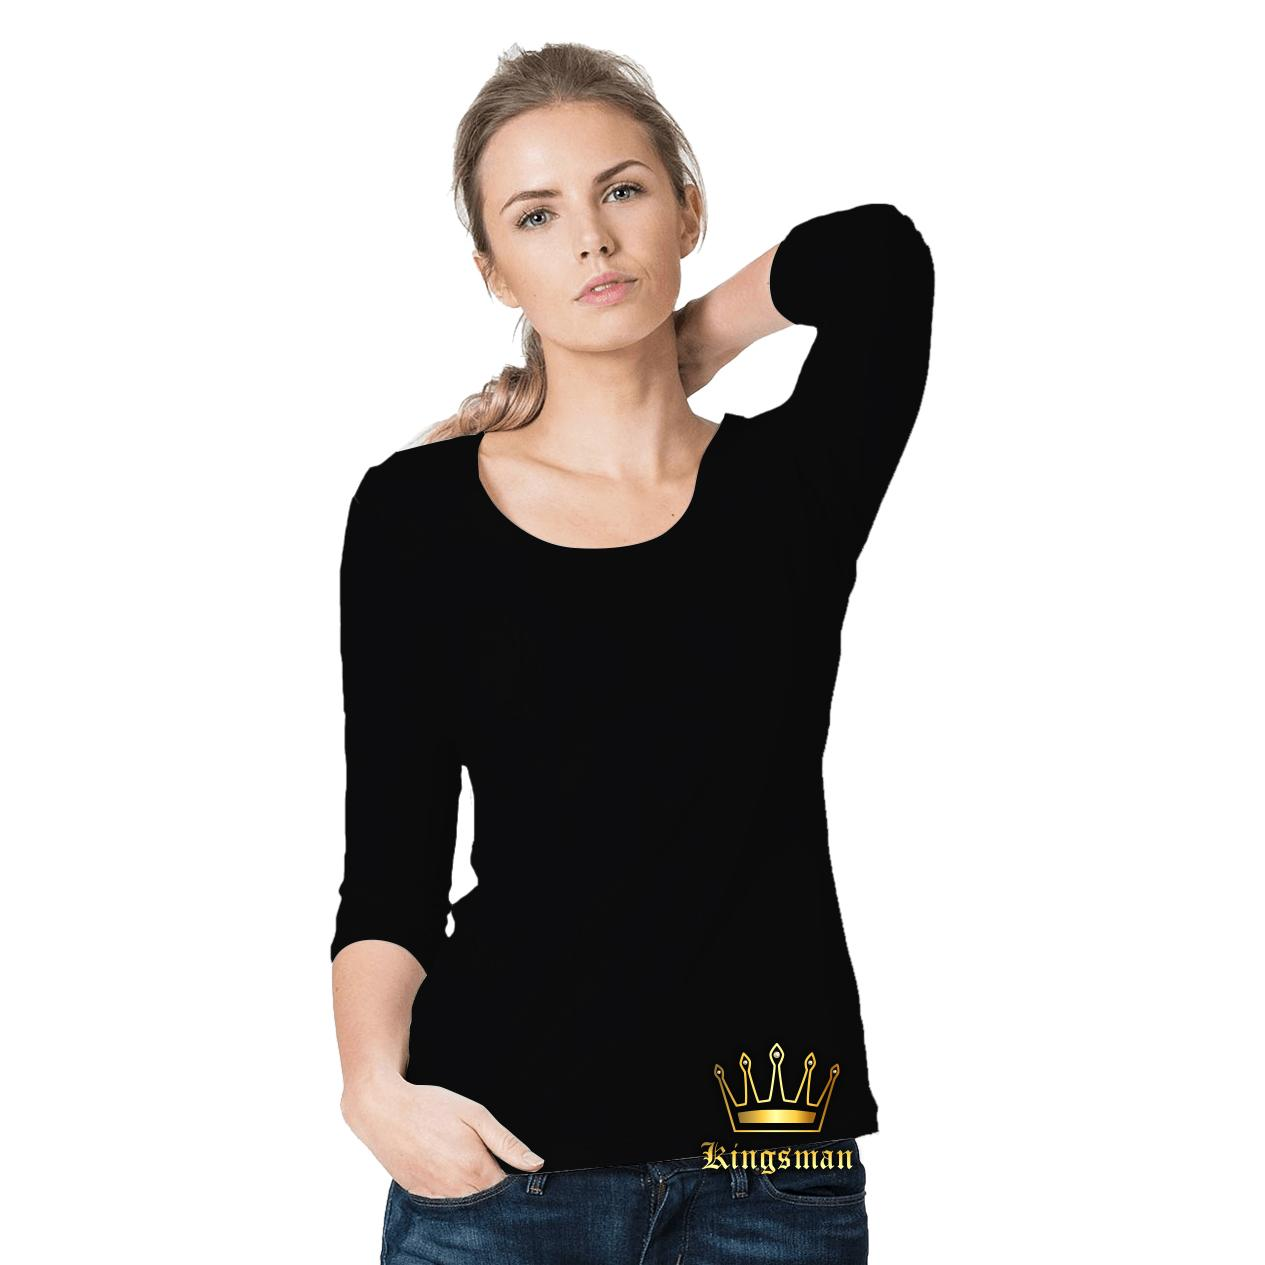 Kingsman Kaos Wanita Lengan Panjang Premium Polos - Plain T-Shirt Distro-Hitam